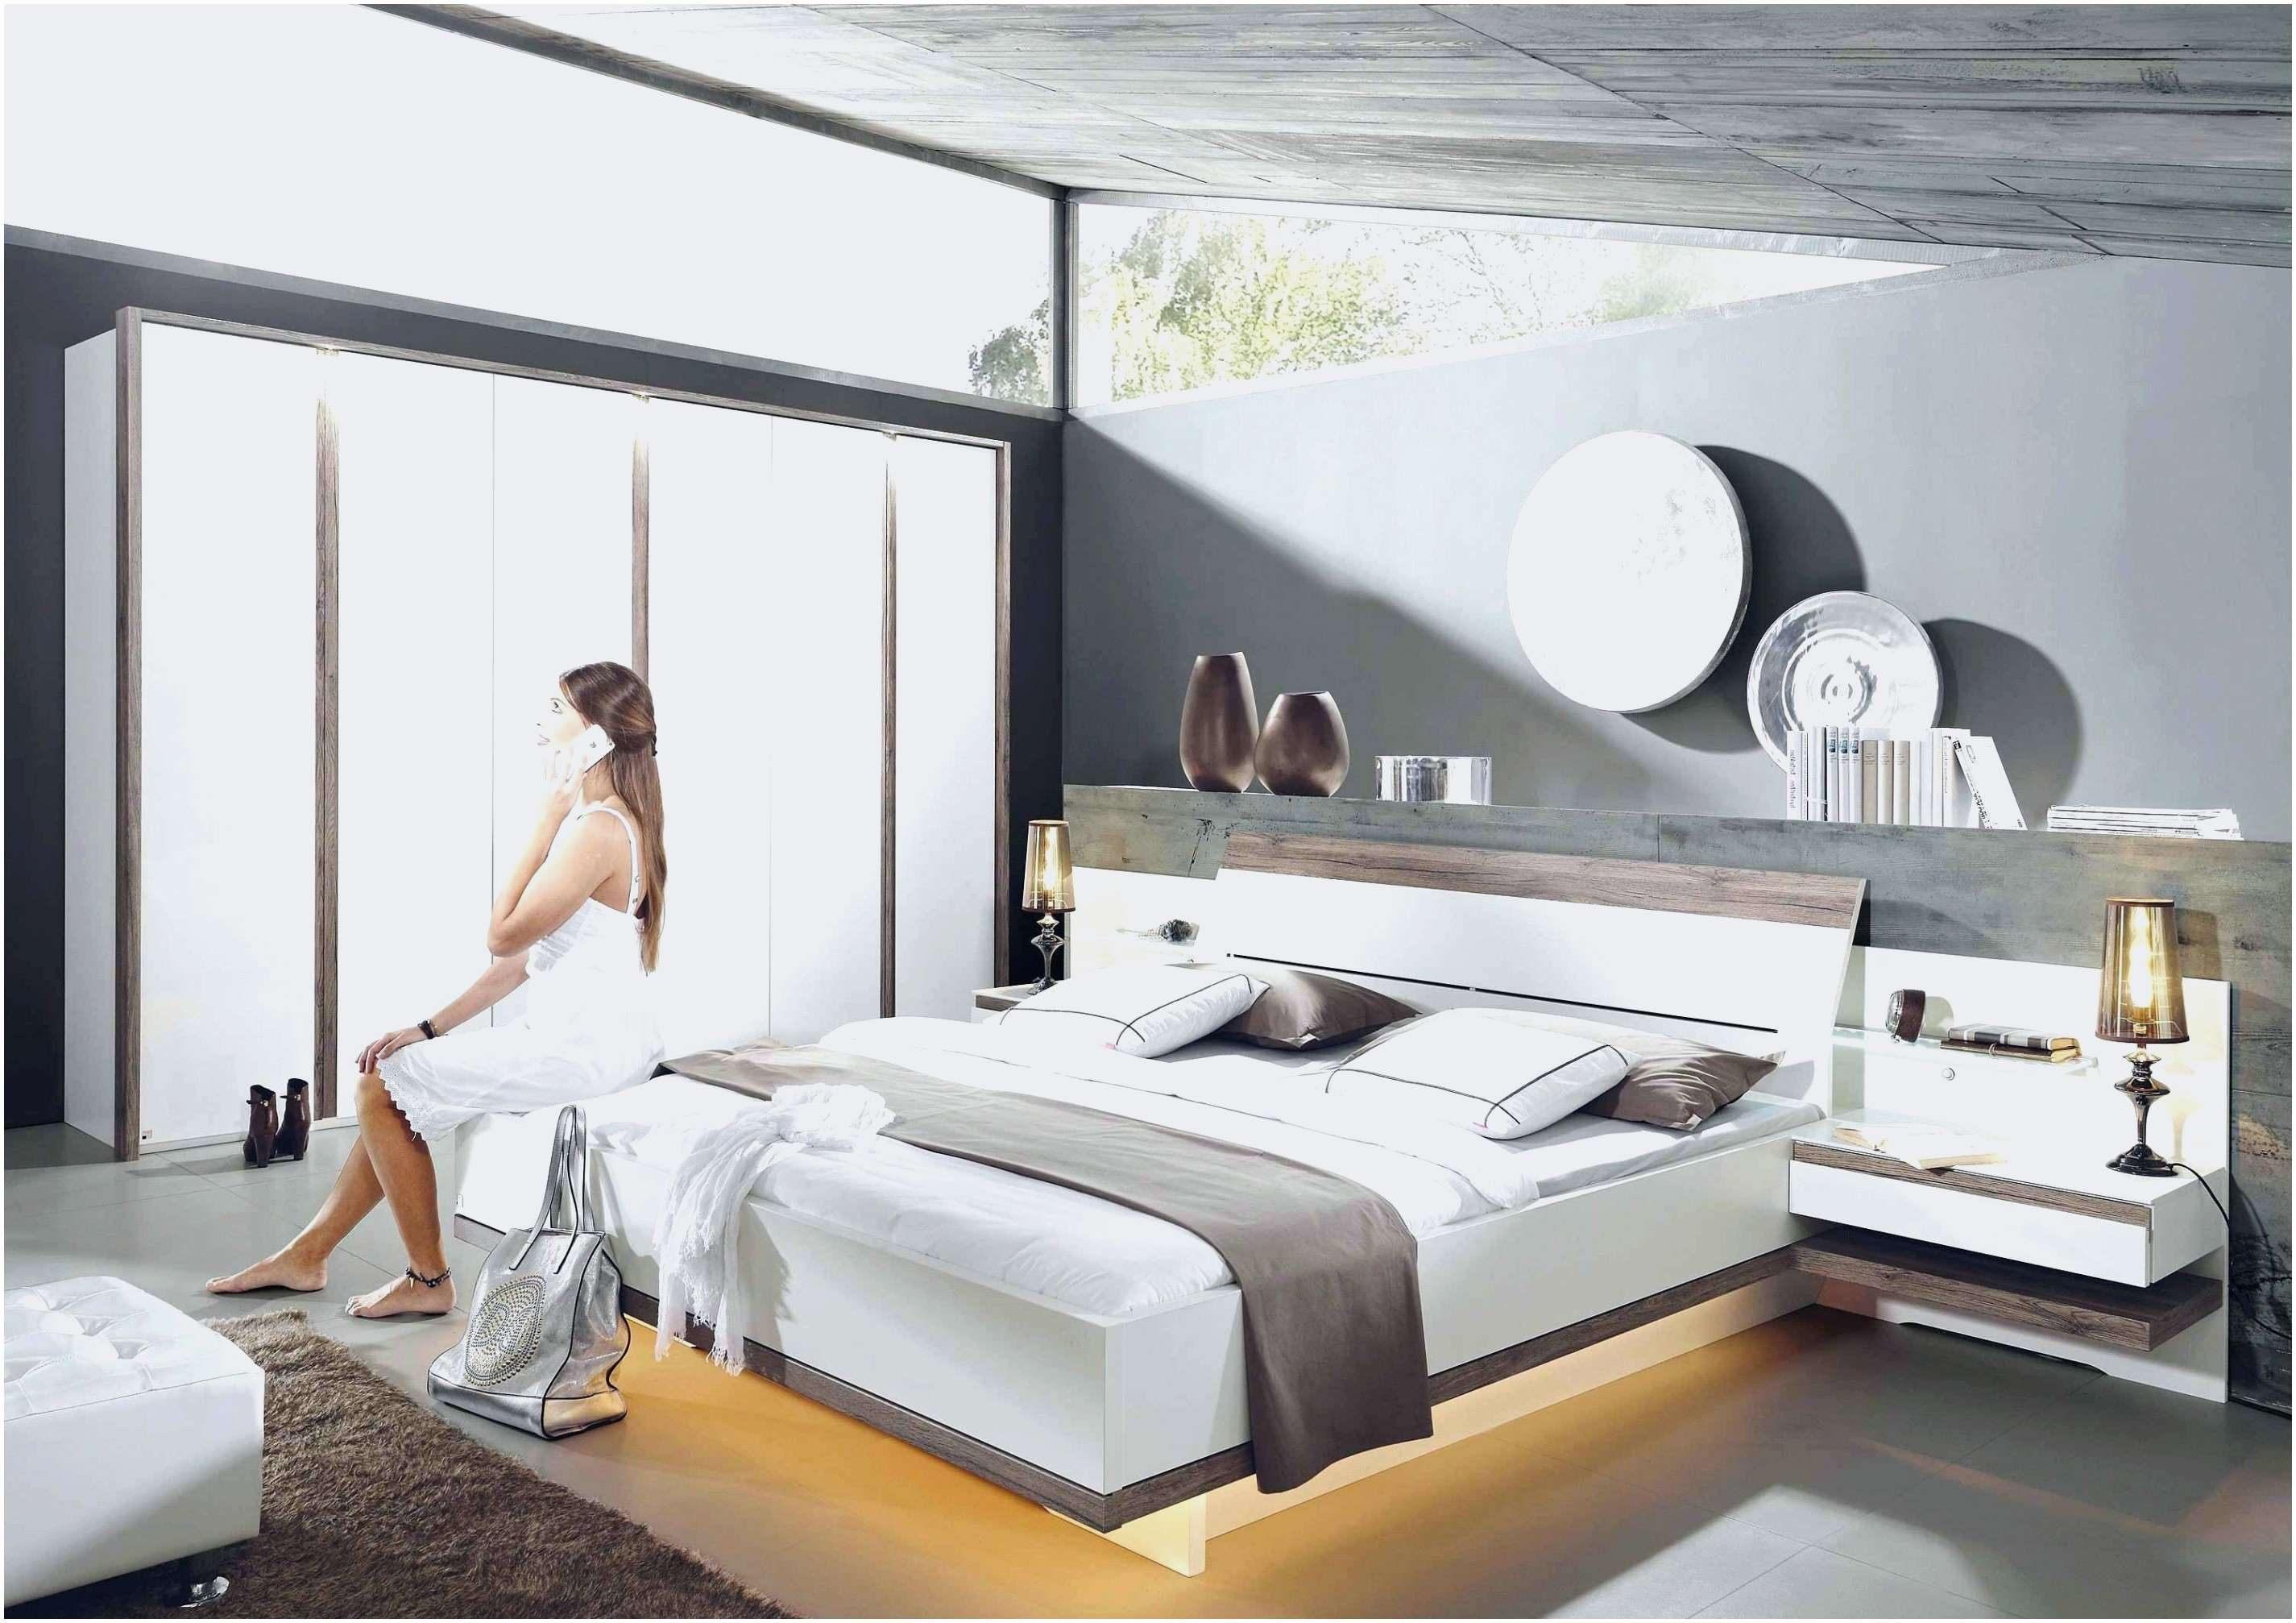 Lit Mezzanine Adulte Luxe Nouveau Structure Lit 160—200 Entourage De Lit Adulte Inspirational